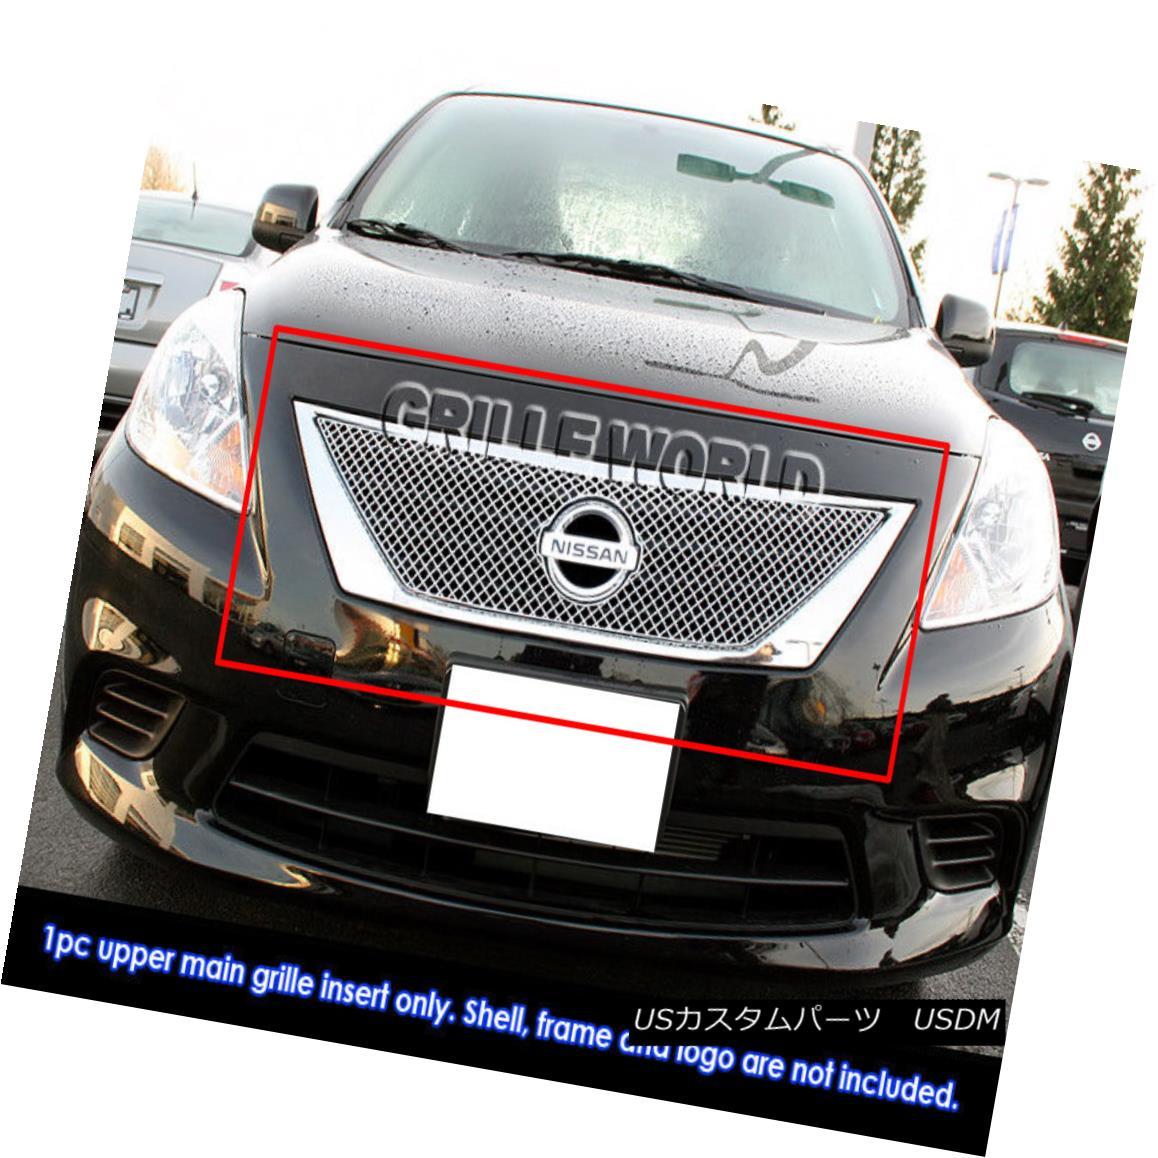 グリル Fits 2011-2013 Nissan Versa Sedan Stainless Steel X-mesh Grille Insert 2011-2013 Nissan Versa SedanステンレススチールXメッシュグリルインサート